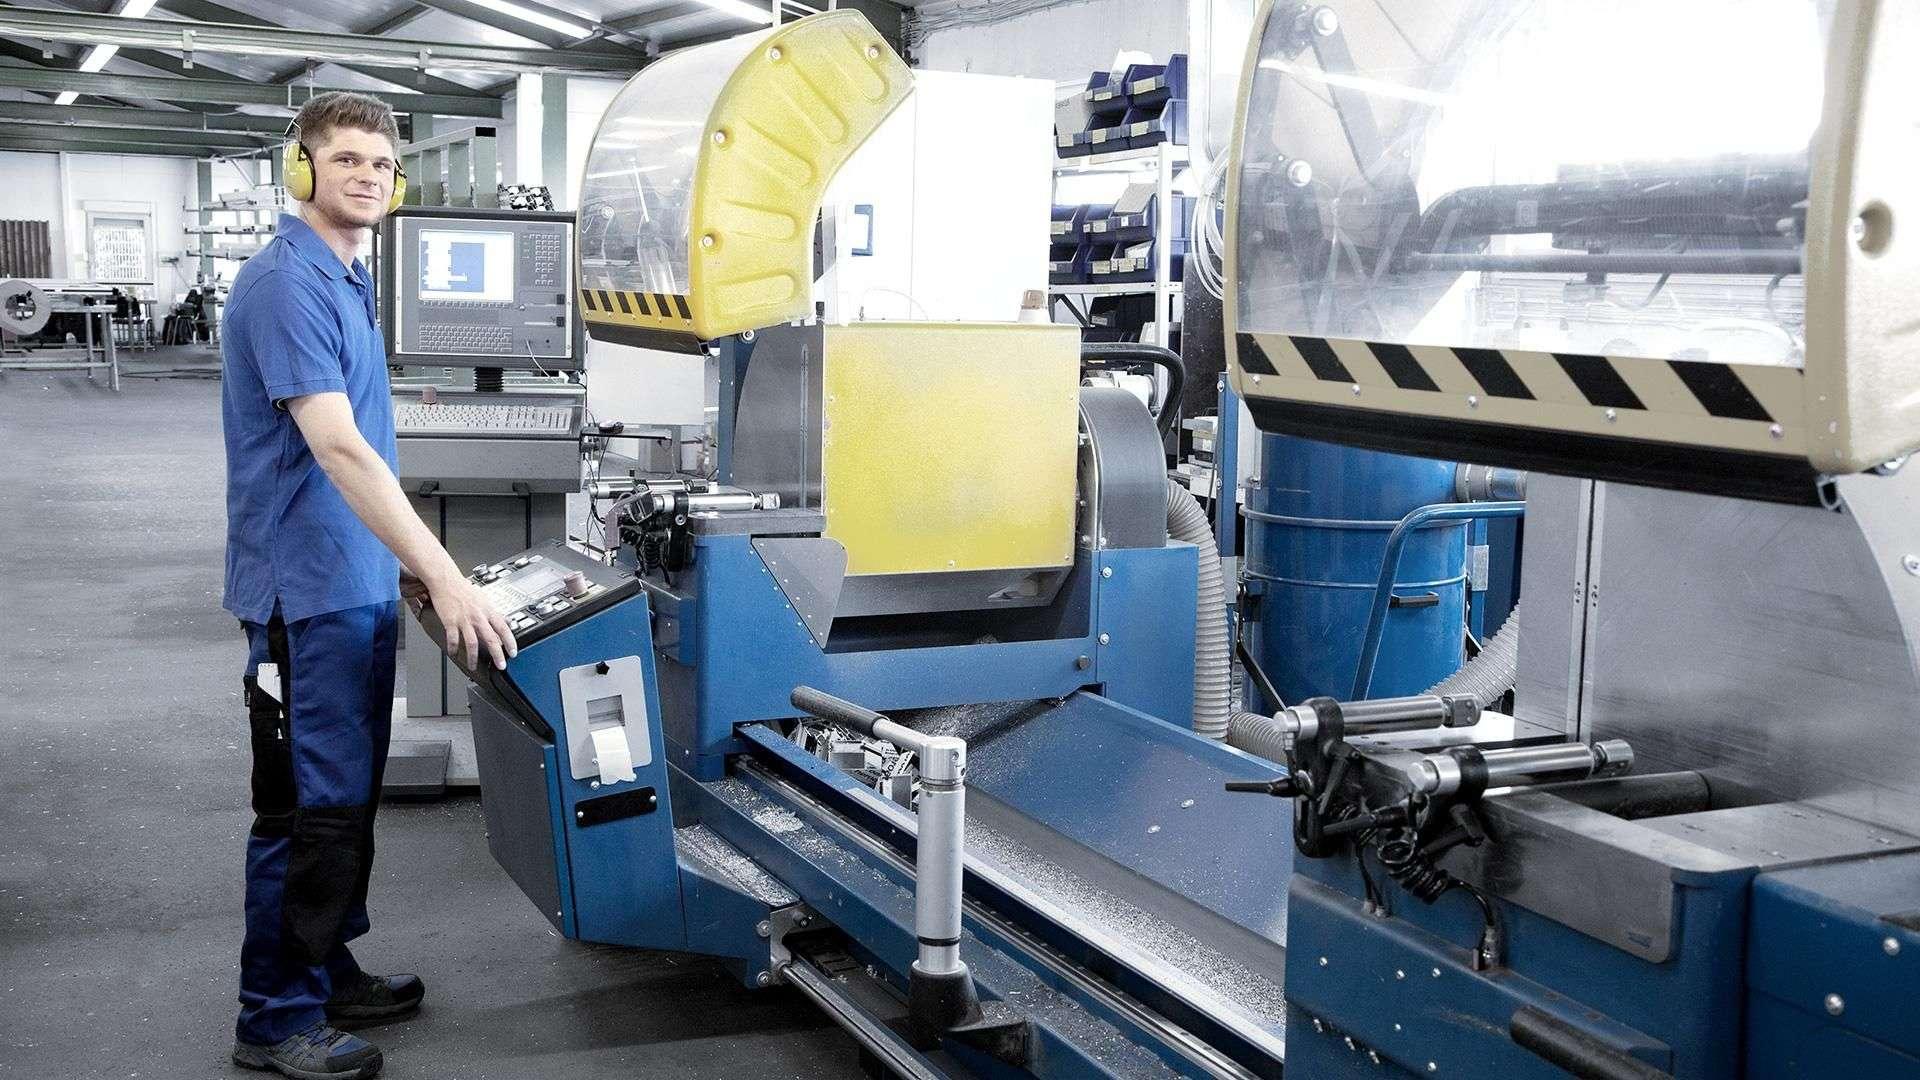 Mitarbeiter bedient eine Maschine in der Produktion von Höfler